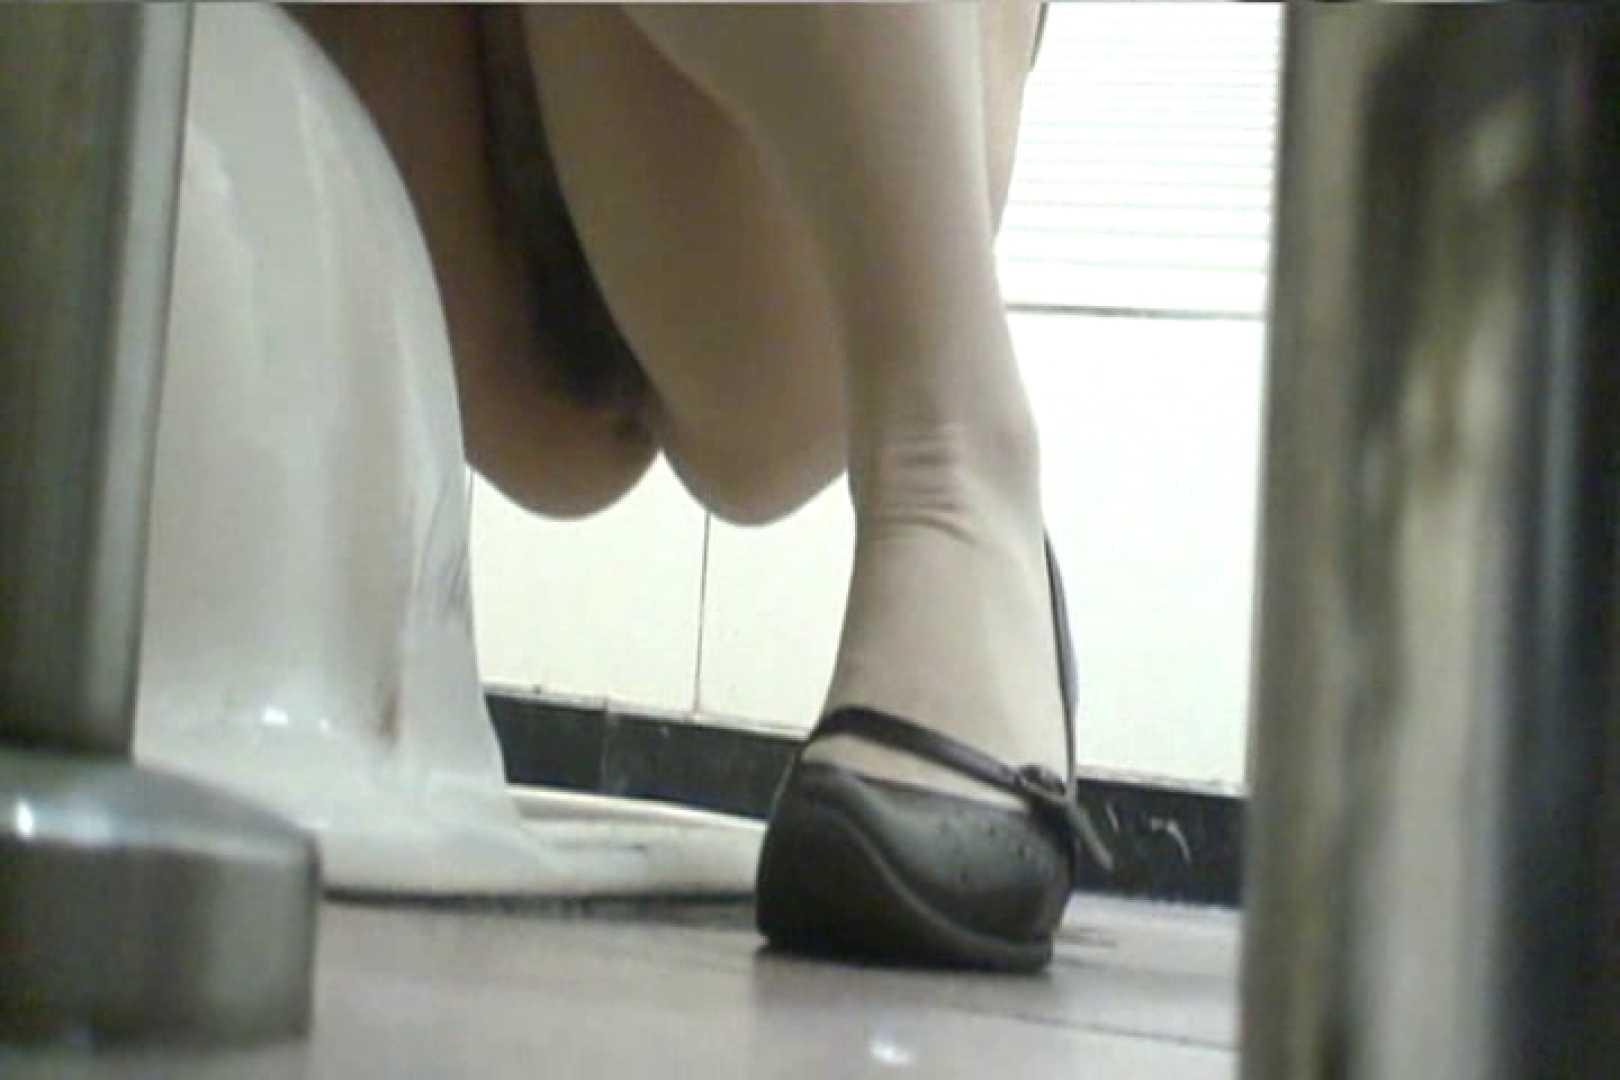 マンコ丸見え女子洗面所Vol.23 洗面所 | 丸見えマンコ  65PIX 22